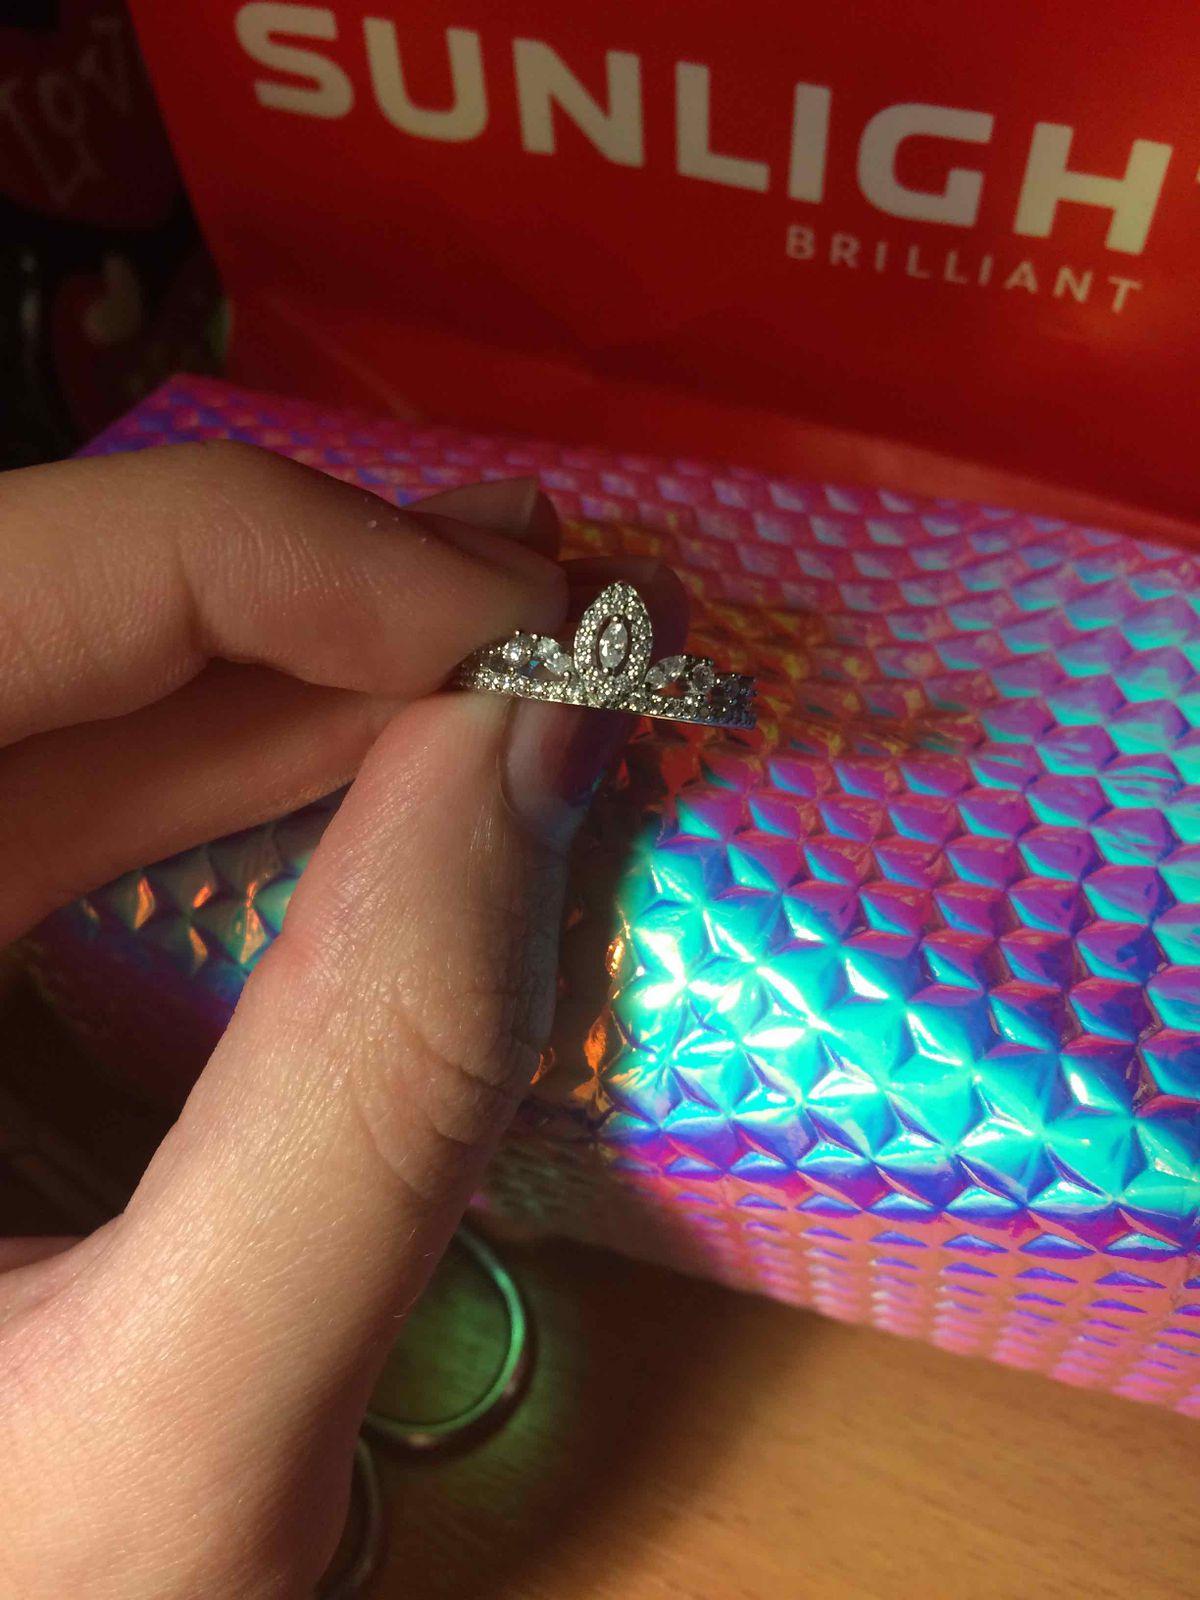 Я купила серебряное кольцо с фианитом (вау супер круто реальный класс улет)